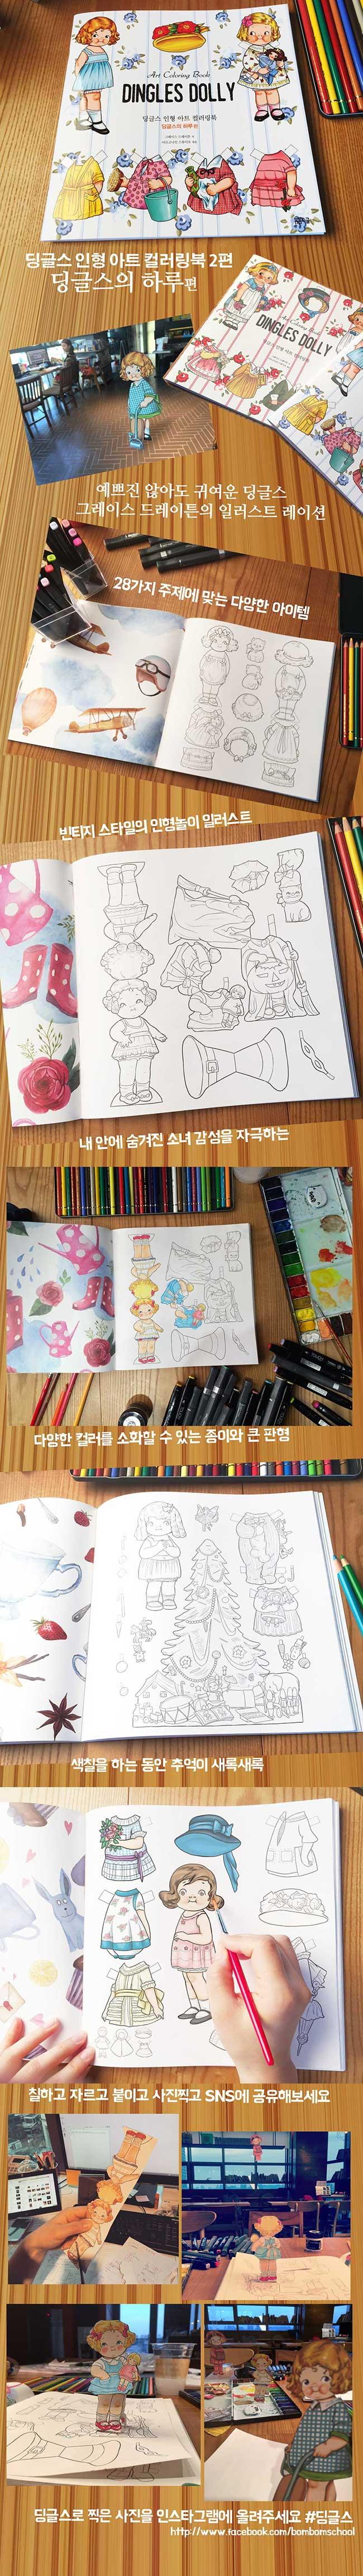 딩글스 인형 아트 컬러링북. 2: 딩글스의 하루 편 도서 상세이미지